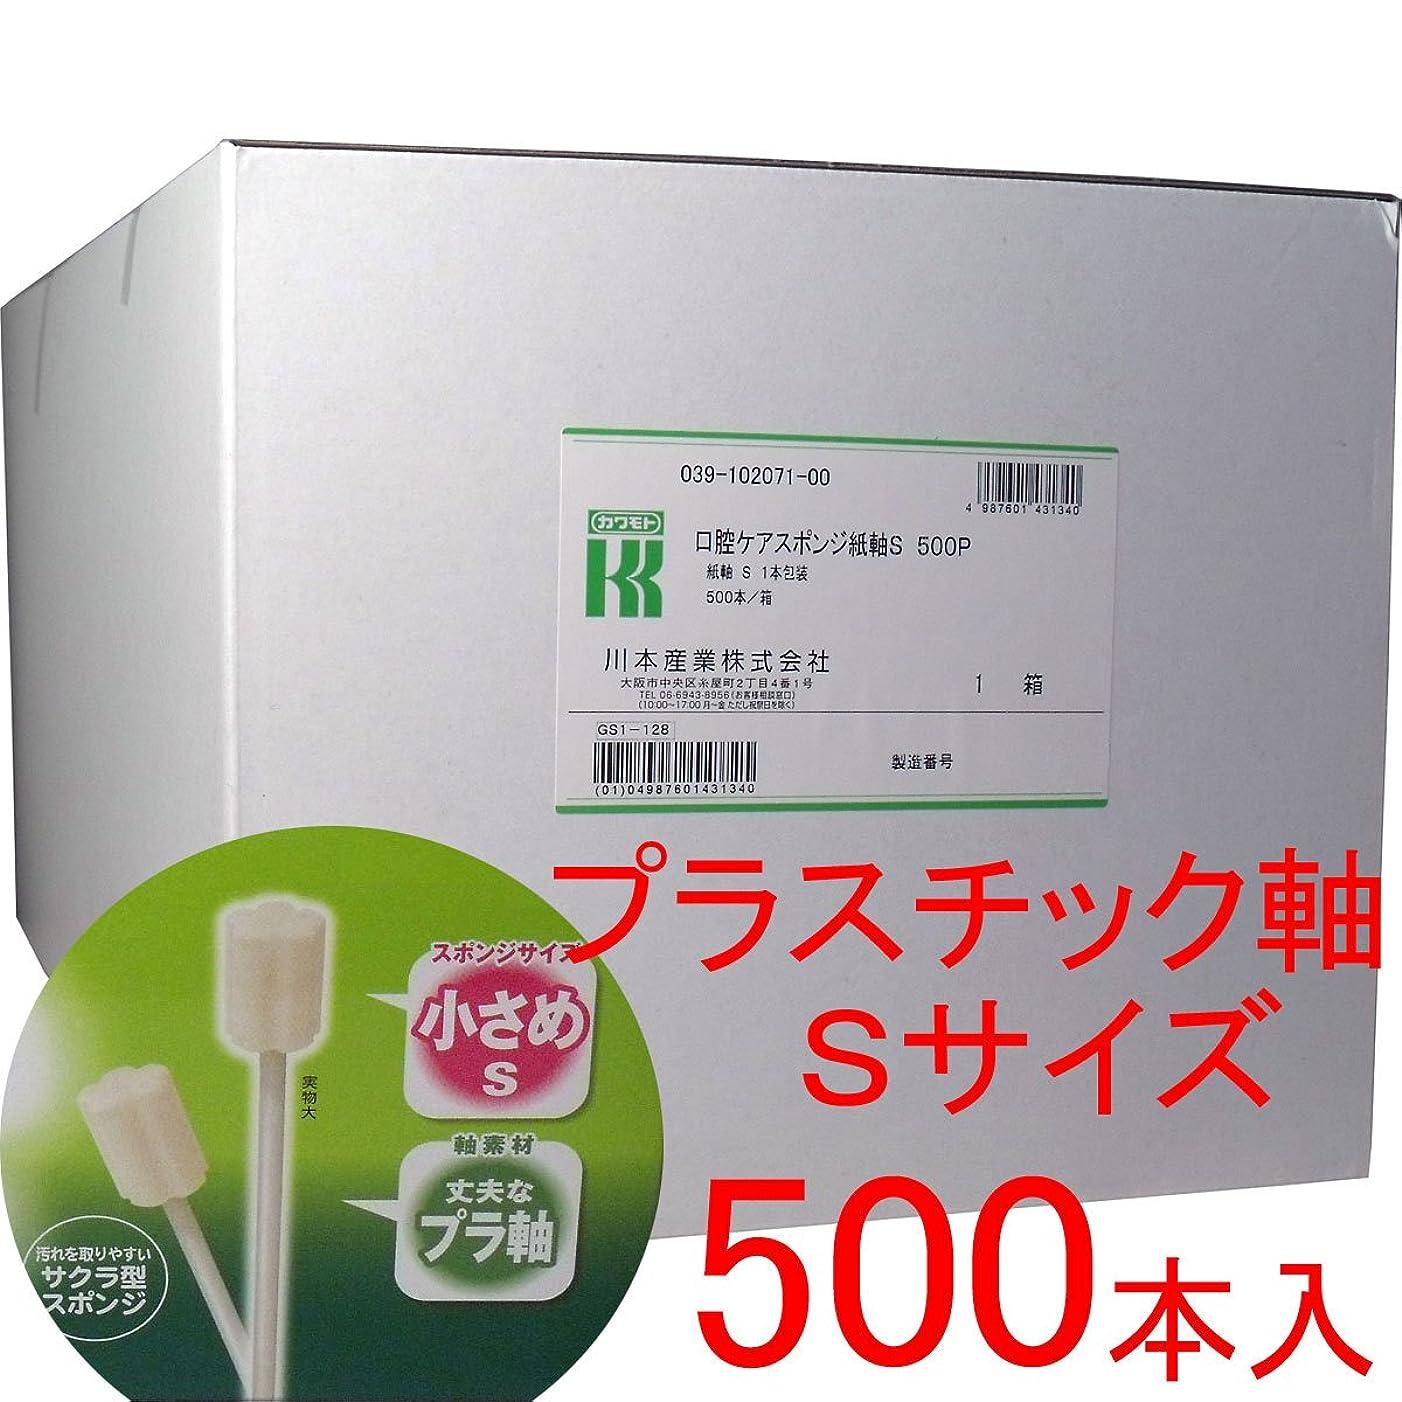 ピュー震える実験をする業務用マウスピュア 口腔ケアスポンジ プラスチック軸 Sサイズ 500本入 (商品内訳:単品1個)